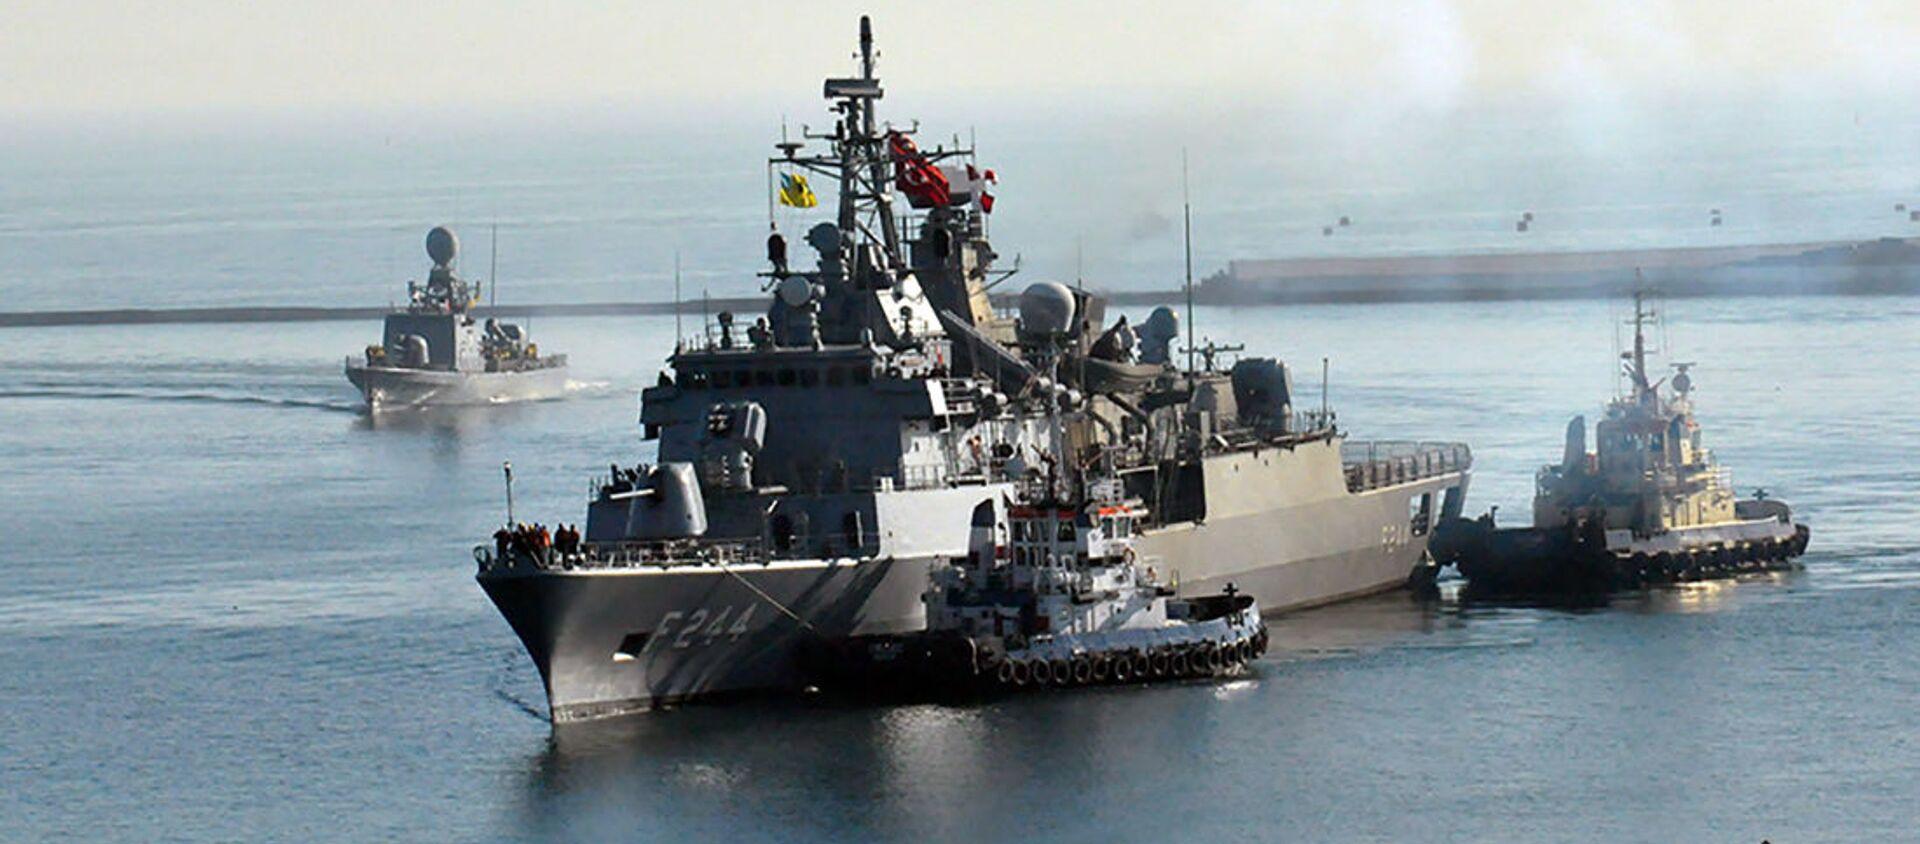 """Fregata TCG """"Barbaros"""" i kuter rakietowy szybkiego ataku TCG """"Martı"""" dotarły do portu Odessy - Sputnik Polska, 1920, 18.04.2021"""